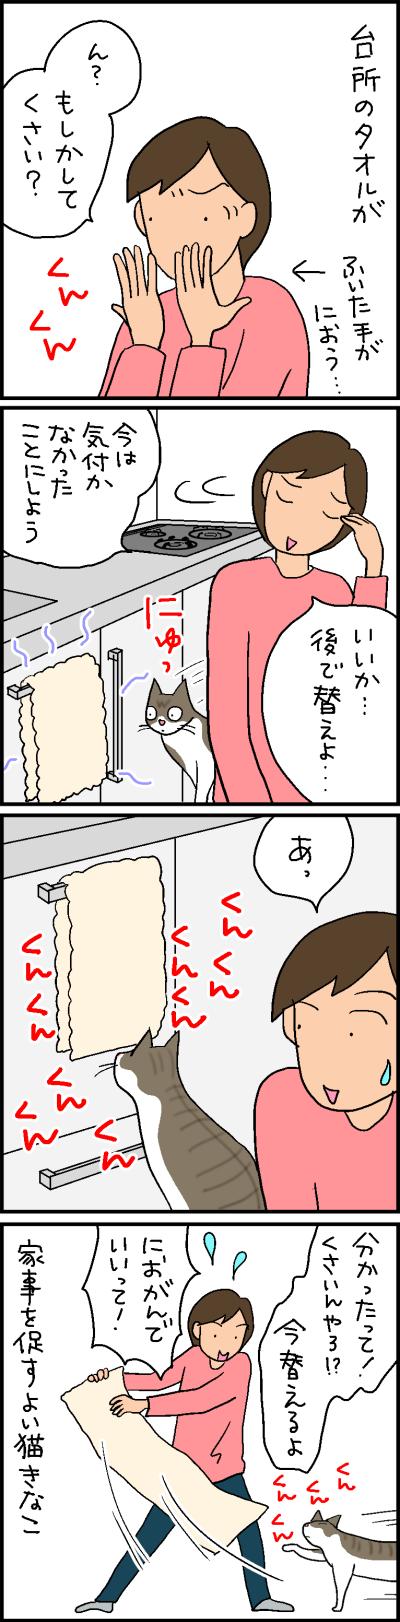 臭いにおいに敏感なネコの4コマ猫漫画